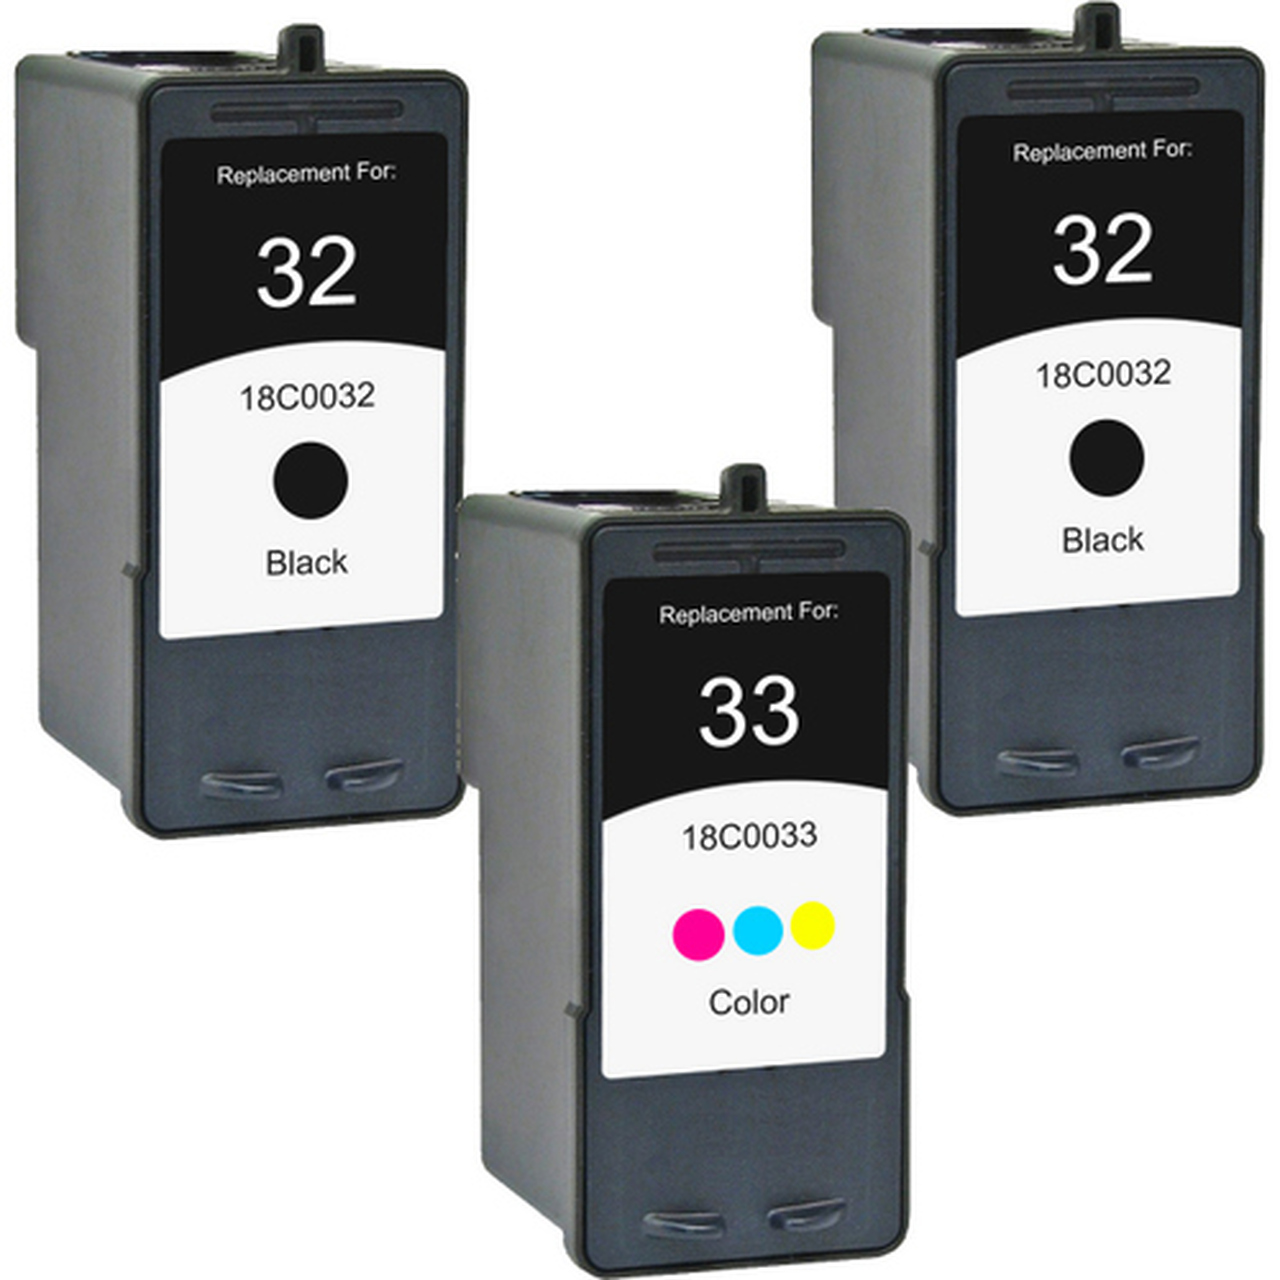 8 Pack 18C0032 32 33 Black /& Color Printer REMAN Ink Cartridge for Lexmark